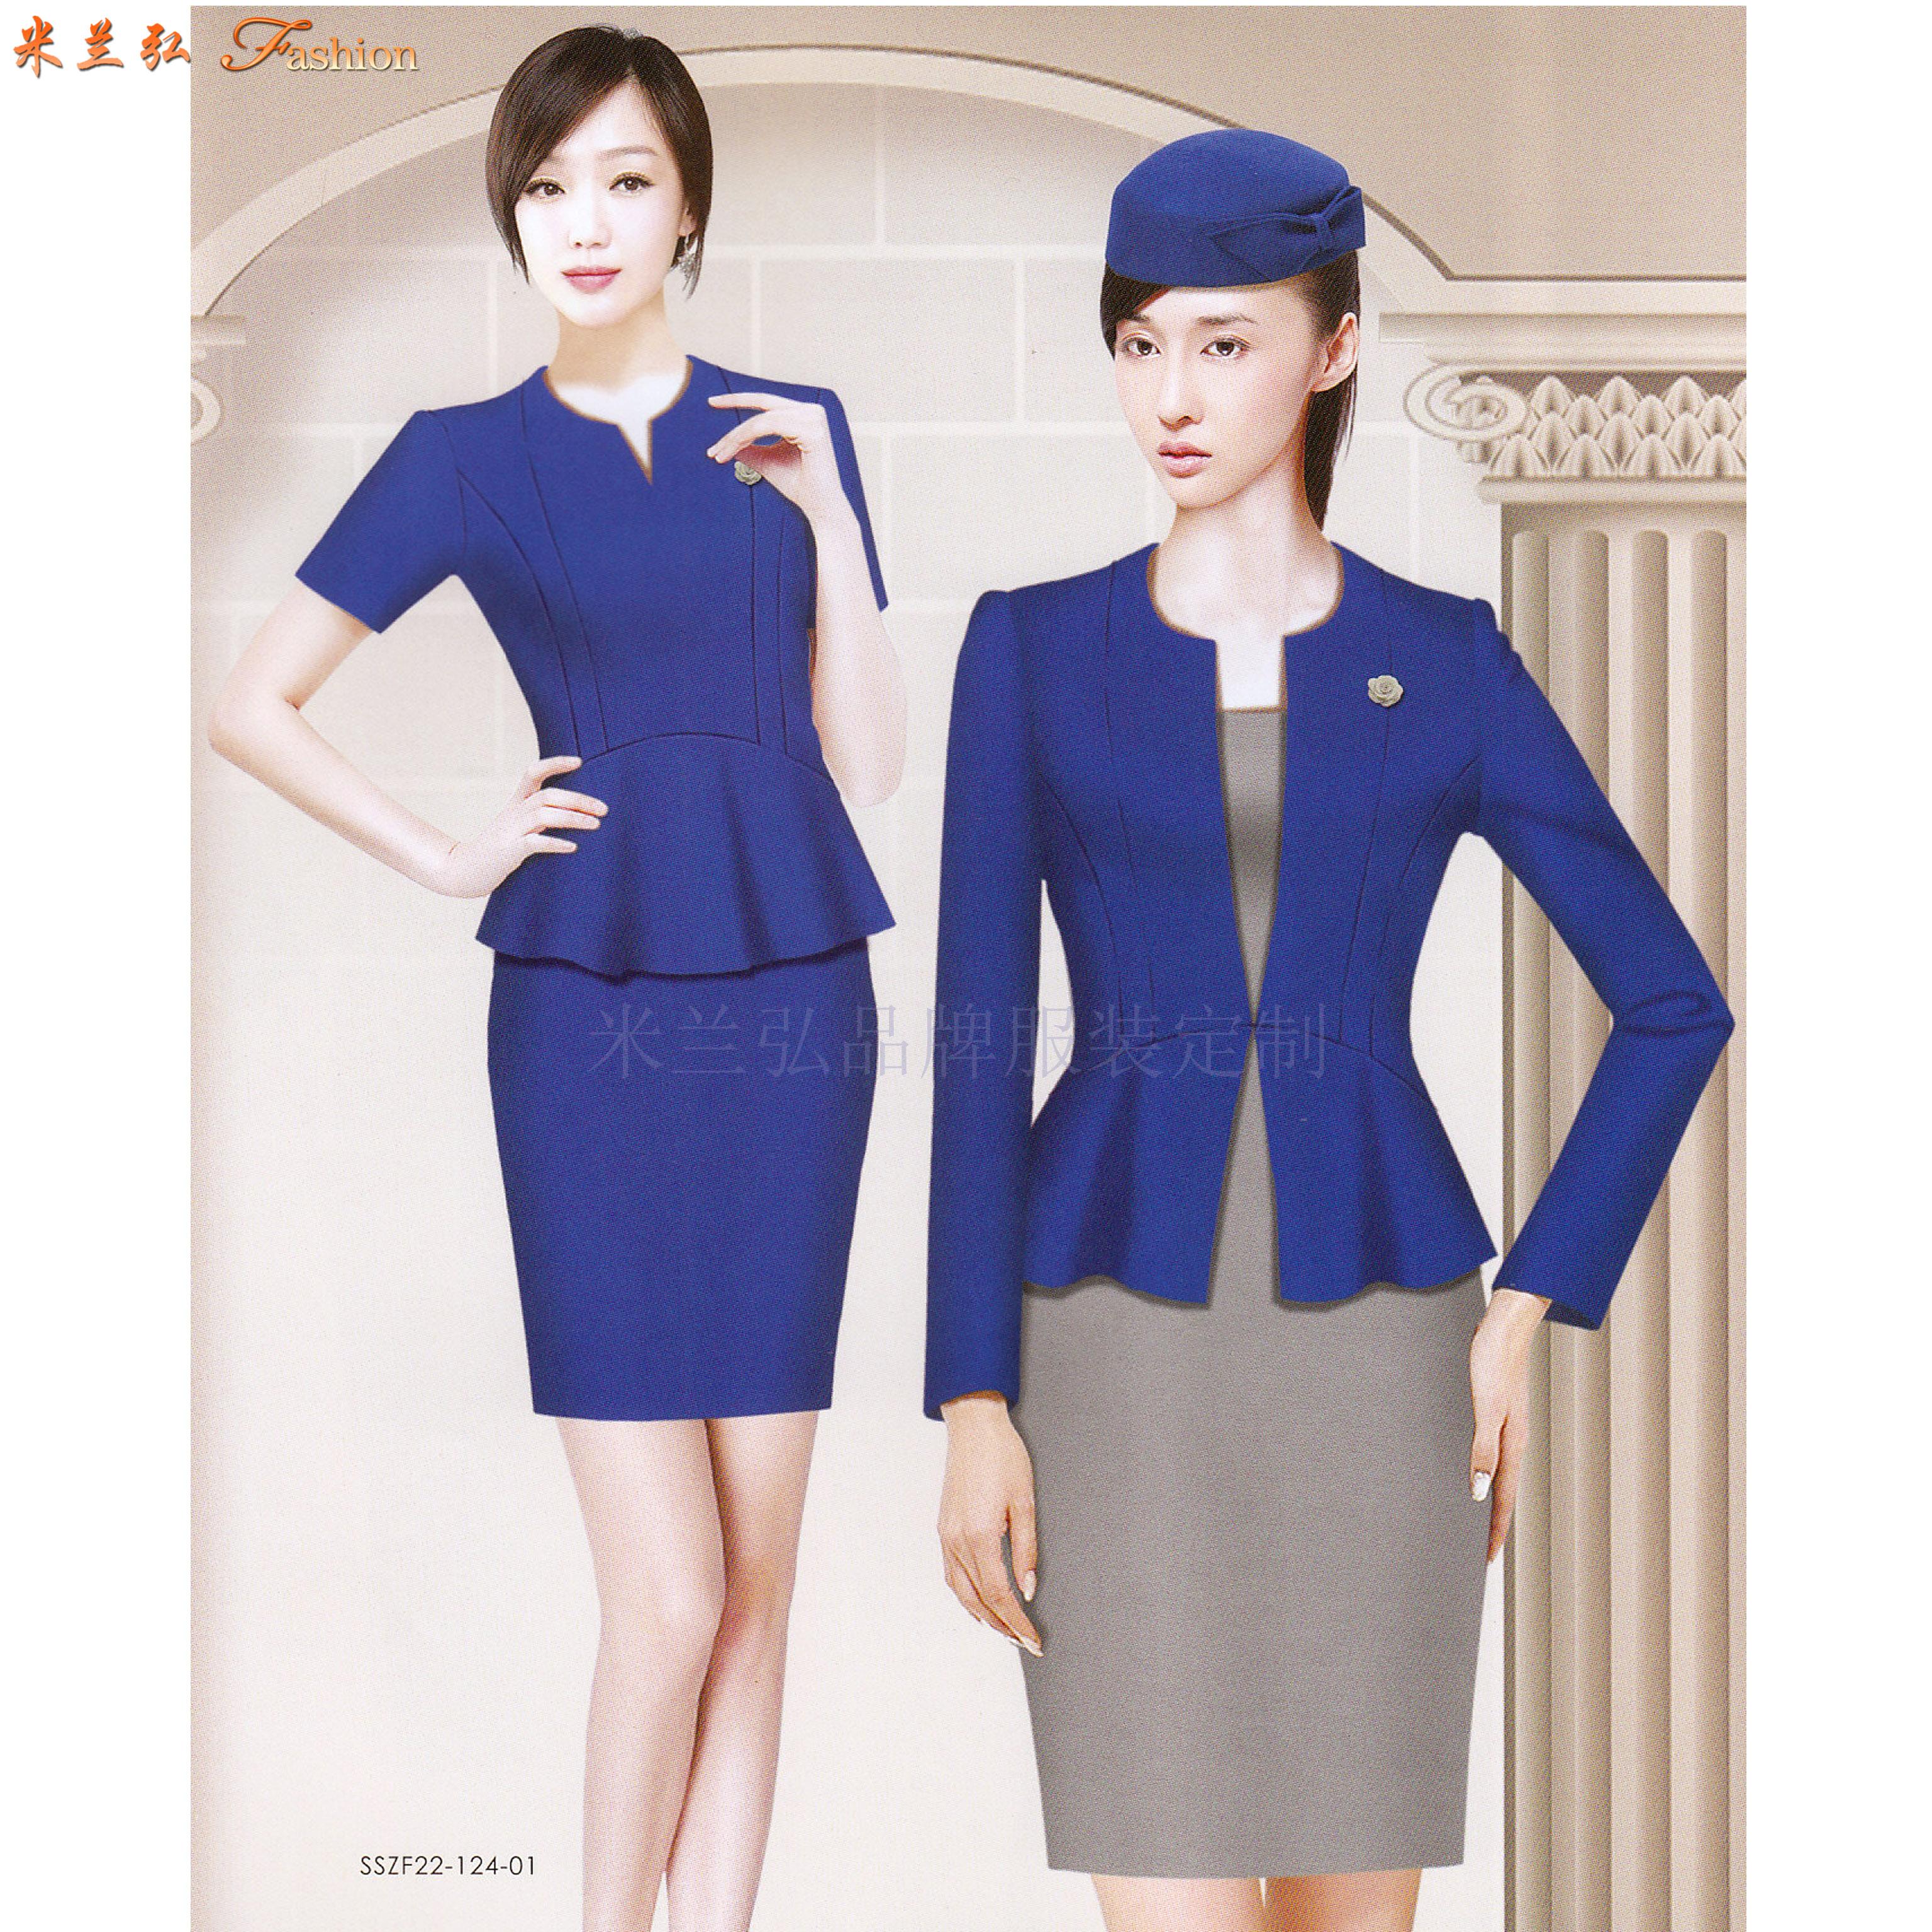 「航空服裝定制」「航空制服定做」「航空乘務服訂制」-3